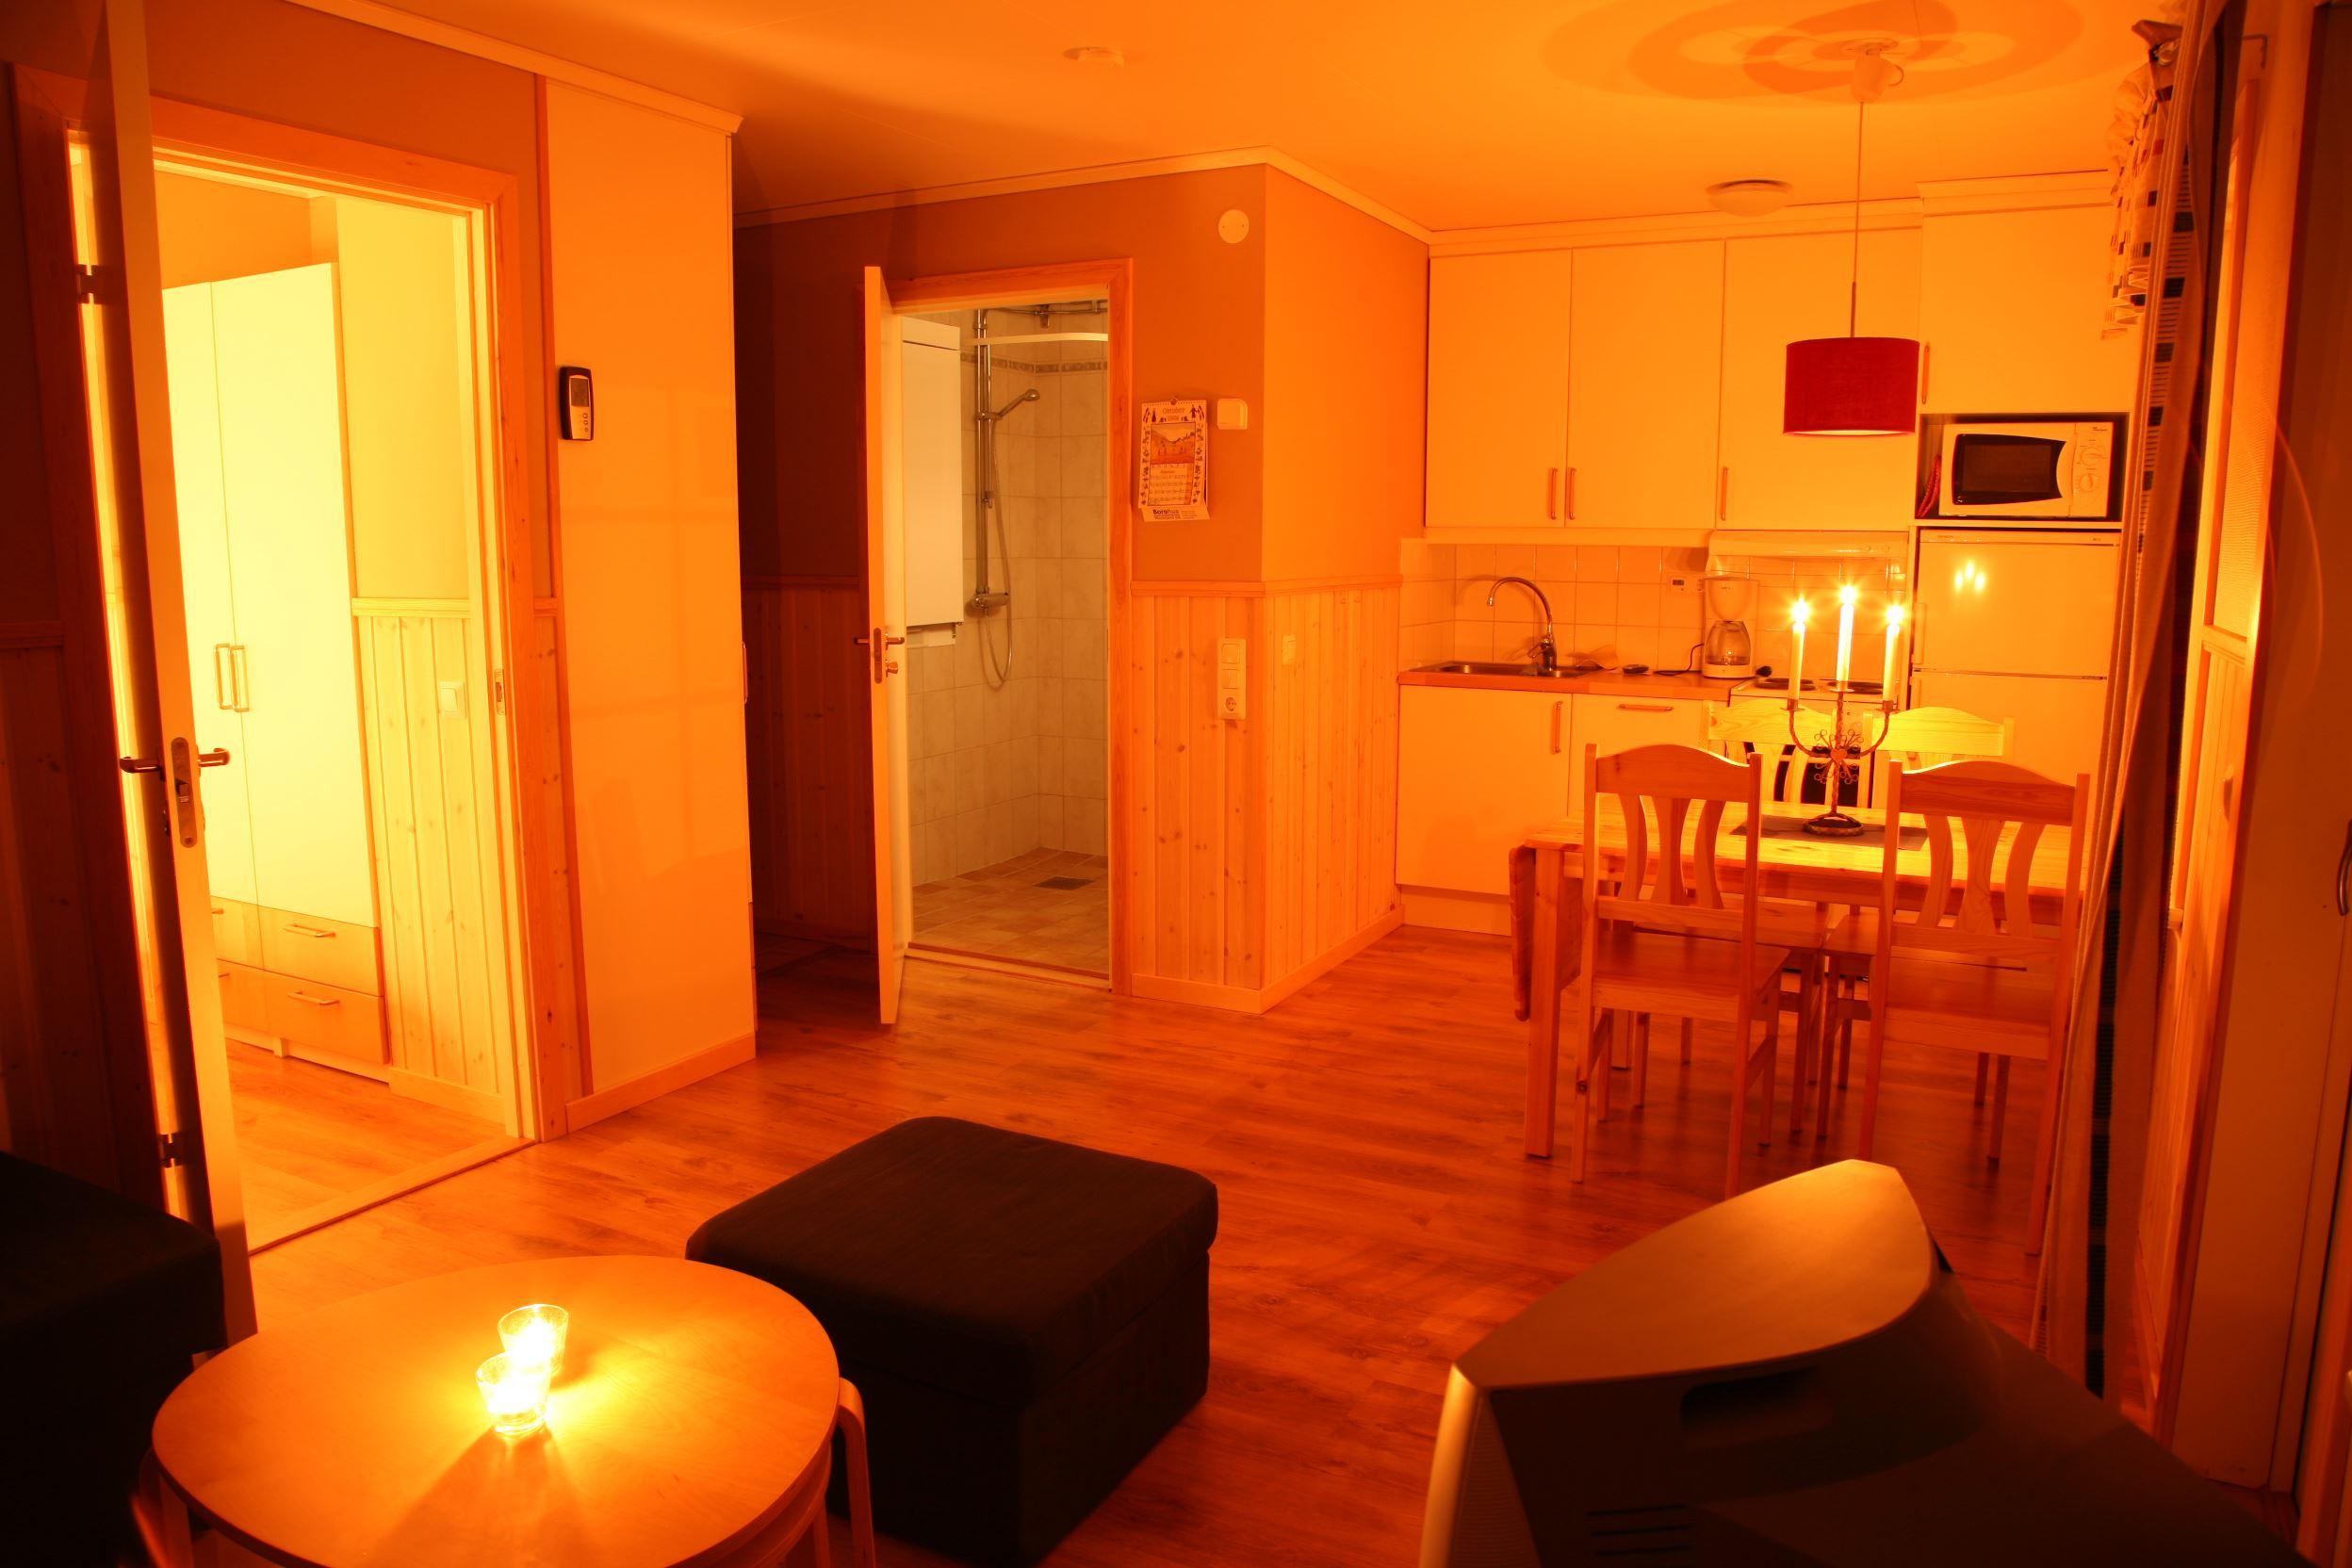 Mora Parken/Apartments, Mora